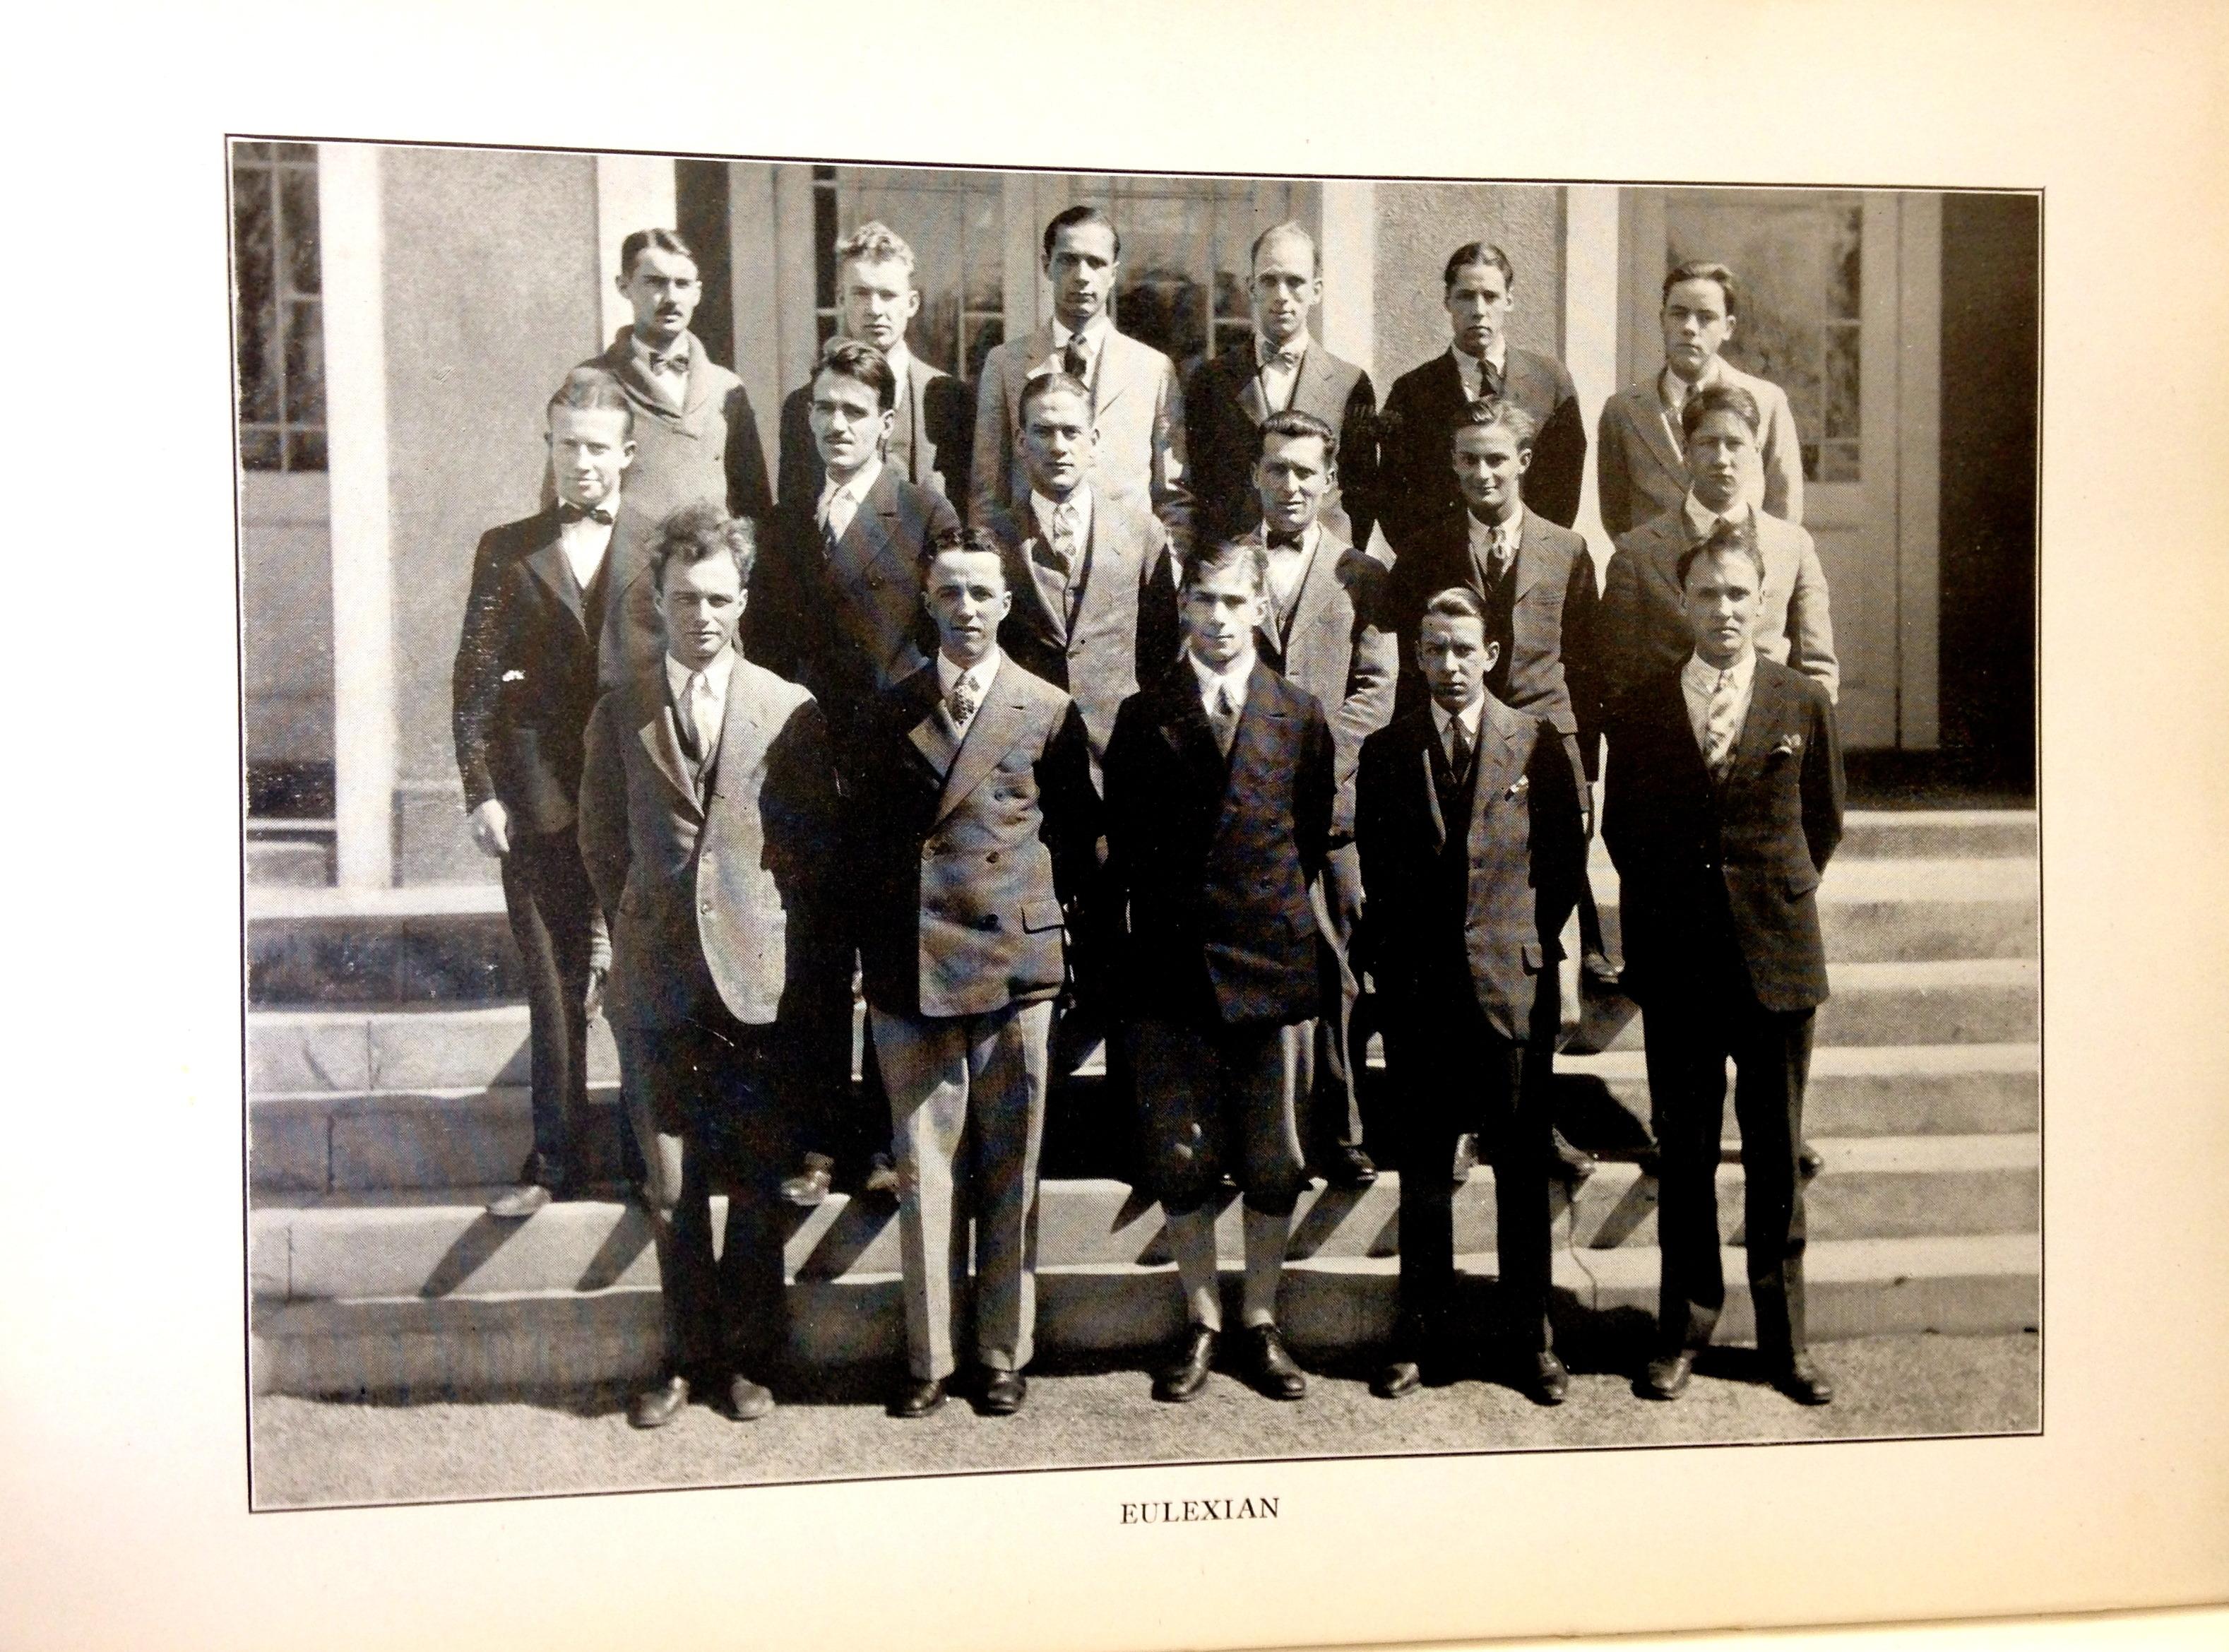 Eulexian Society Photo circa 1927